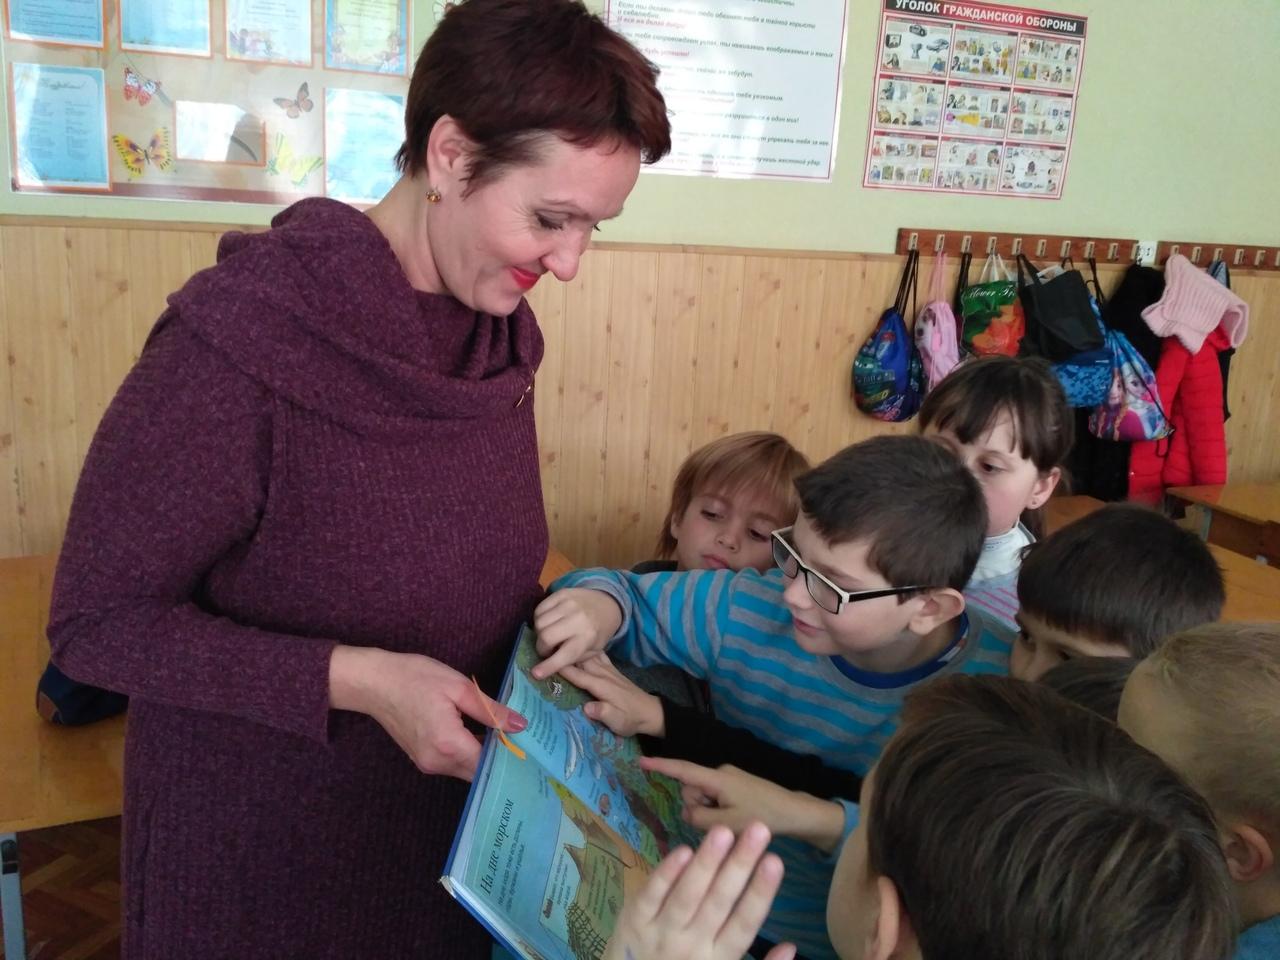 чудеса и тайны планет, донецкая республиканская библиотека для детей, сектор организации досуга детей, занятия с детьми